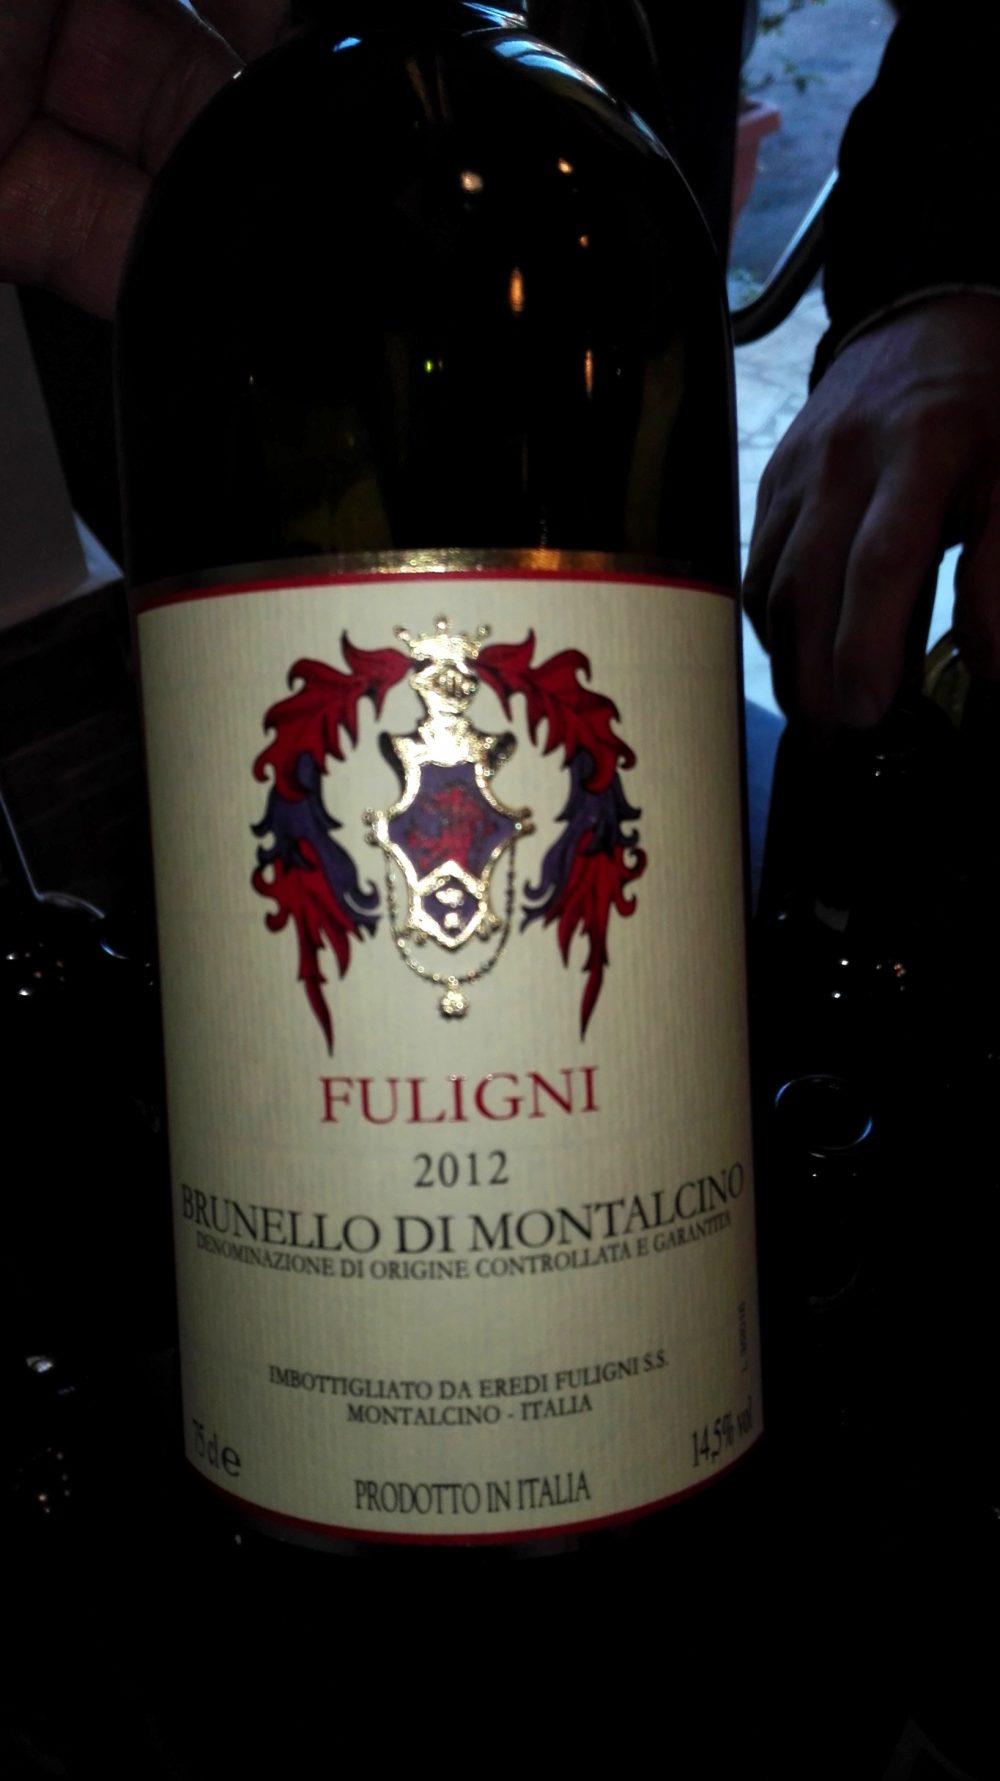 Brunello di Montalcino 2013 Vs 2012 - Fuligni